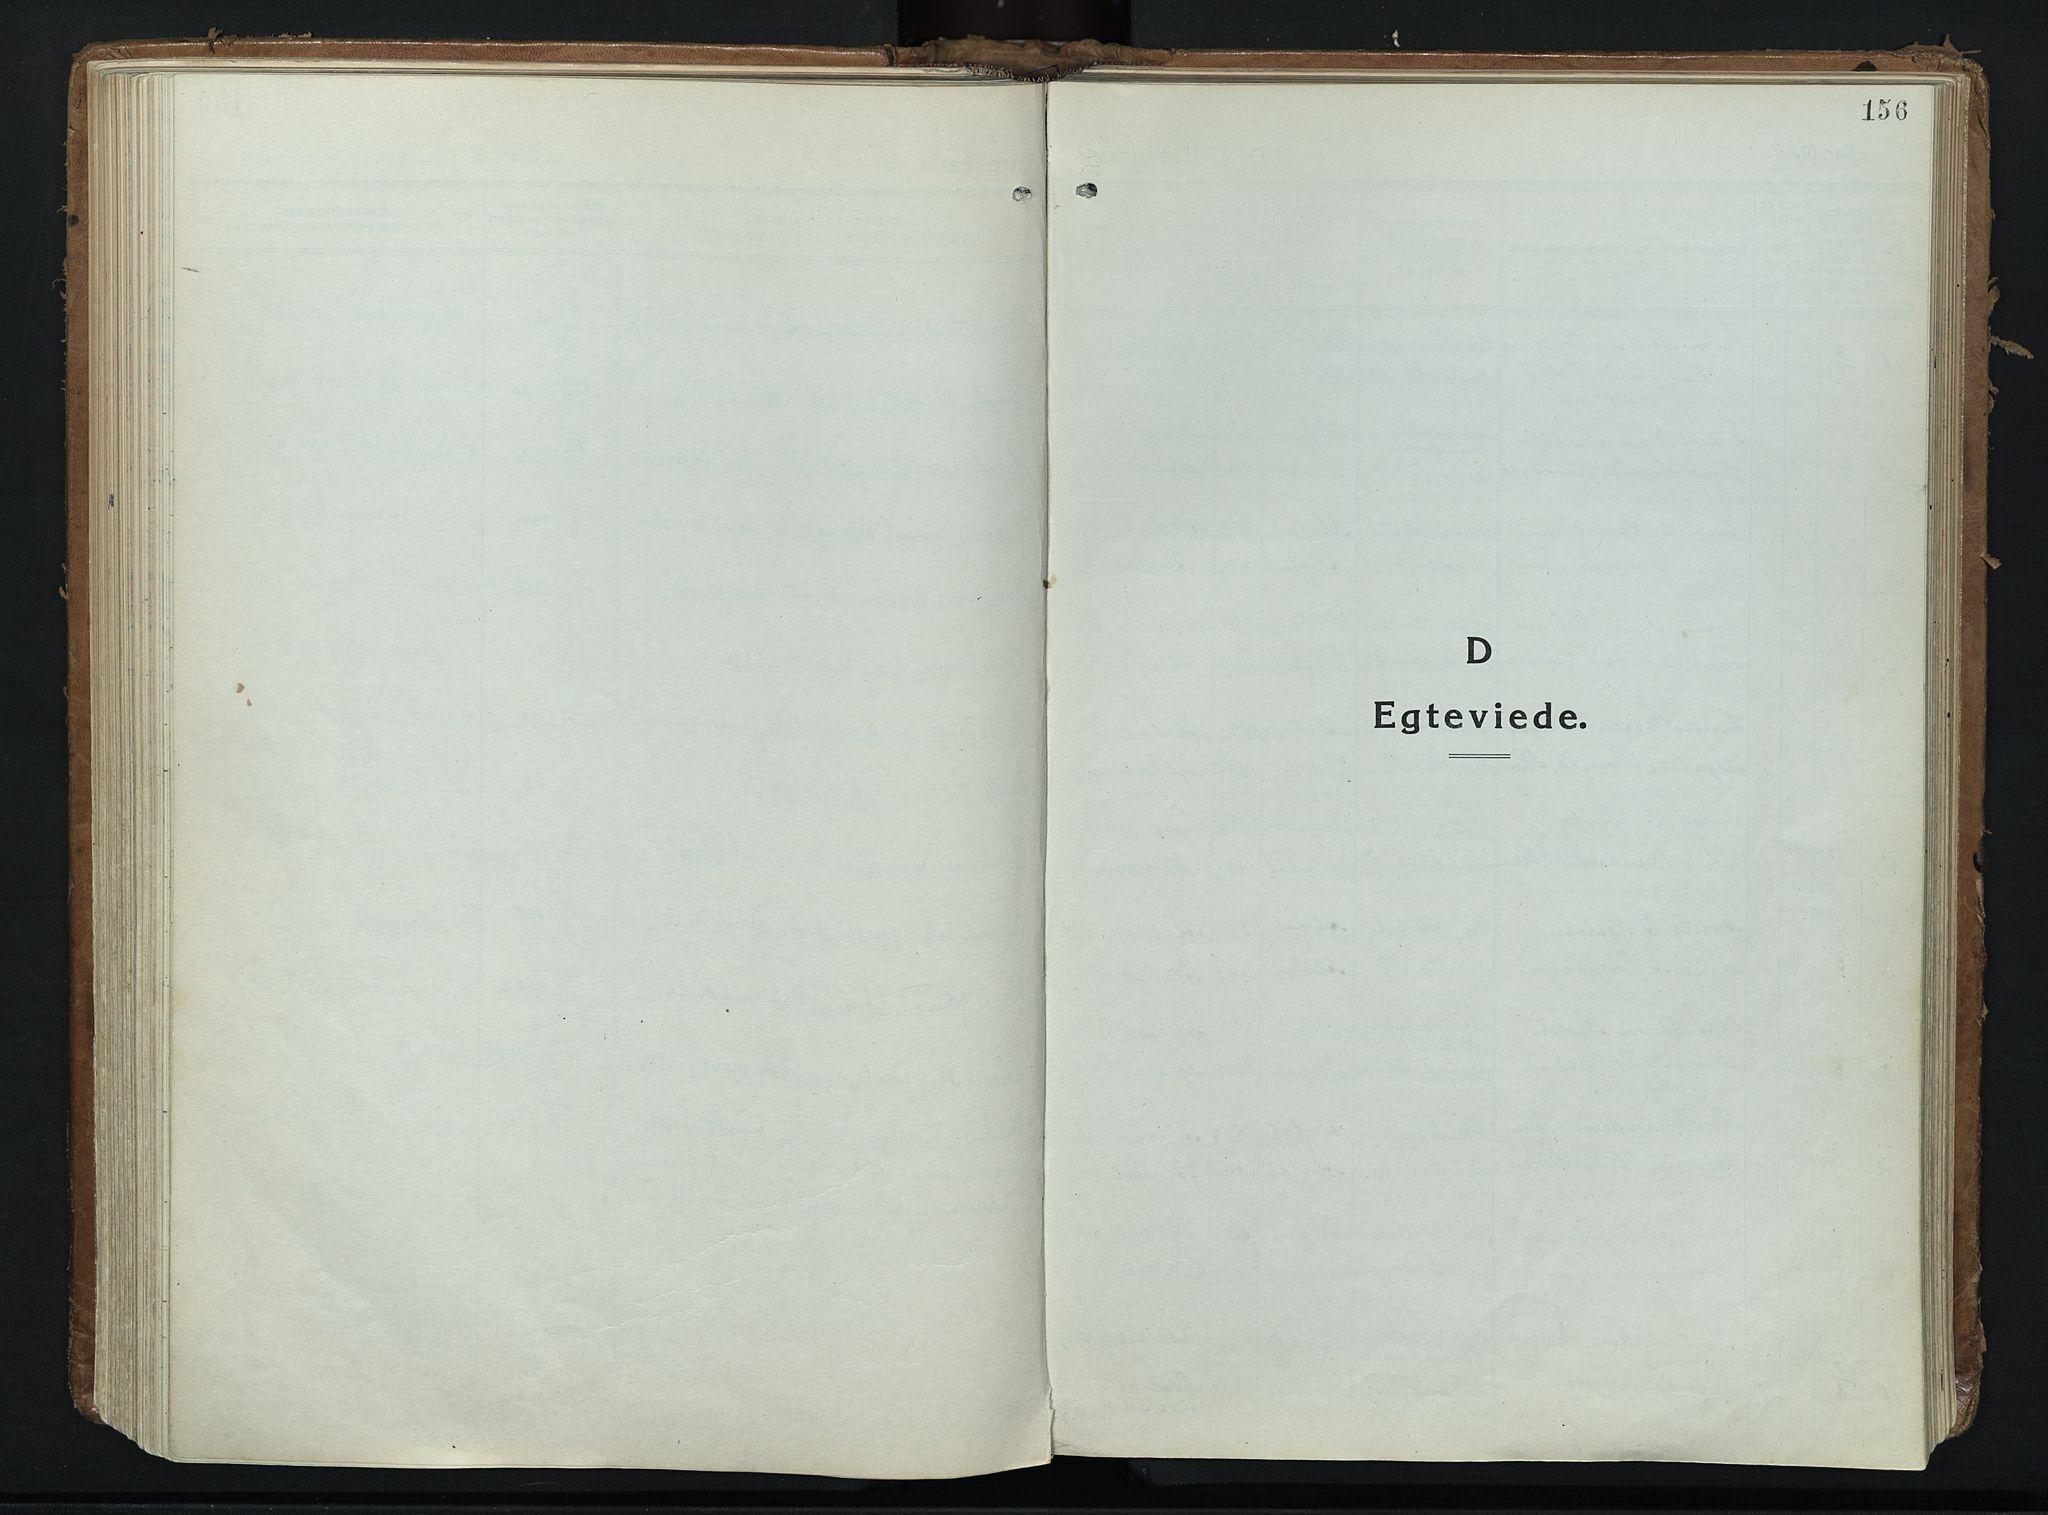 SAH, Alvdal prestekontor, Ministerialbok nr. 6, 1920-1937, s. 156